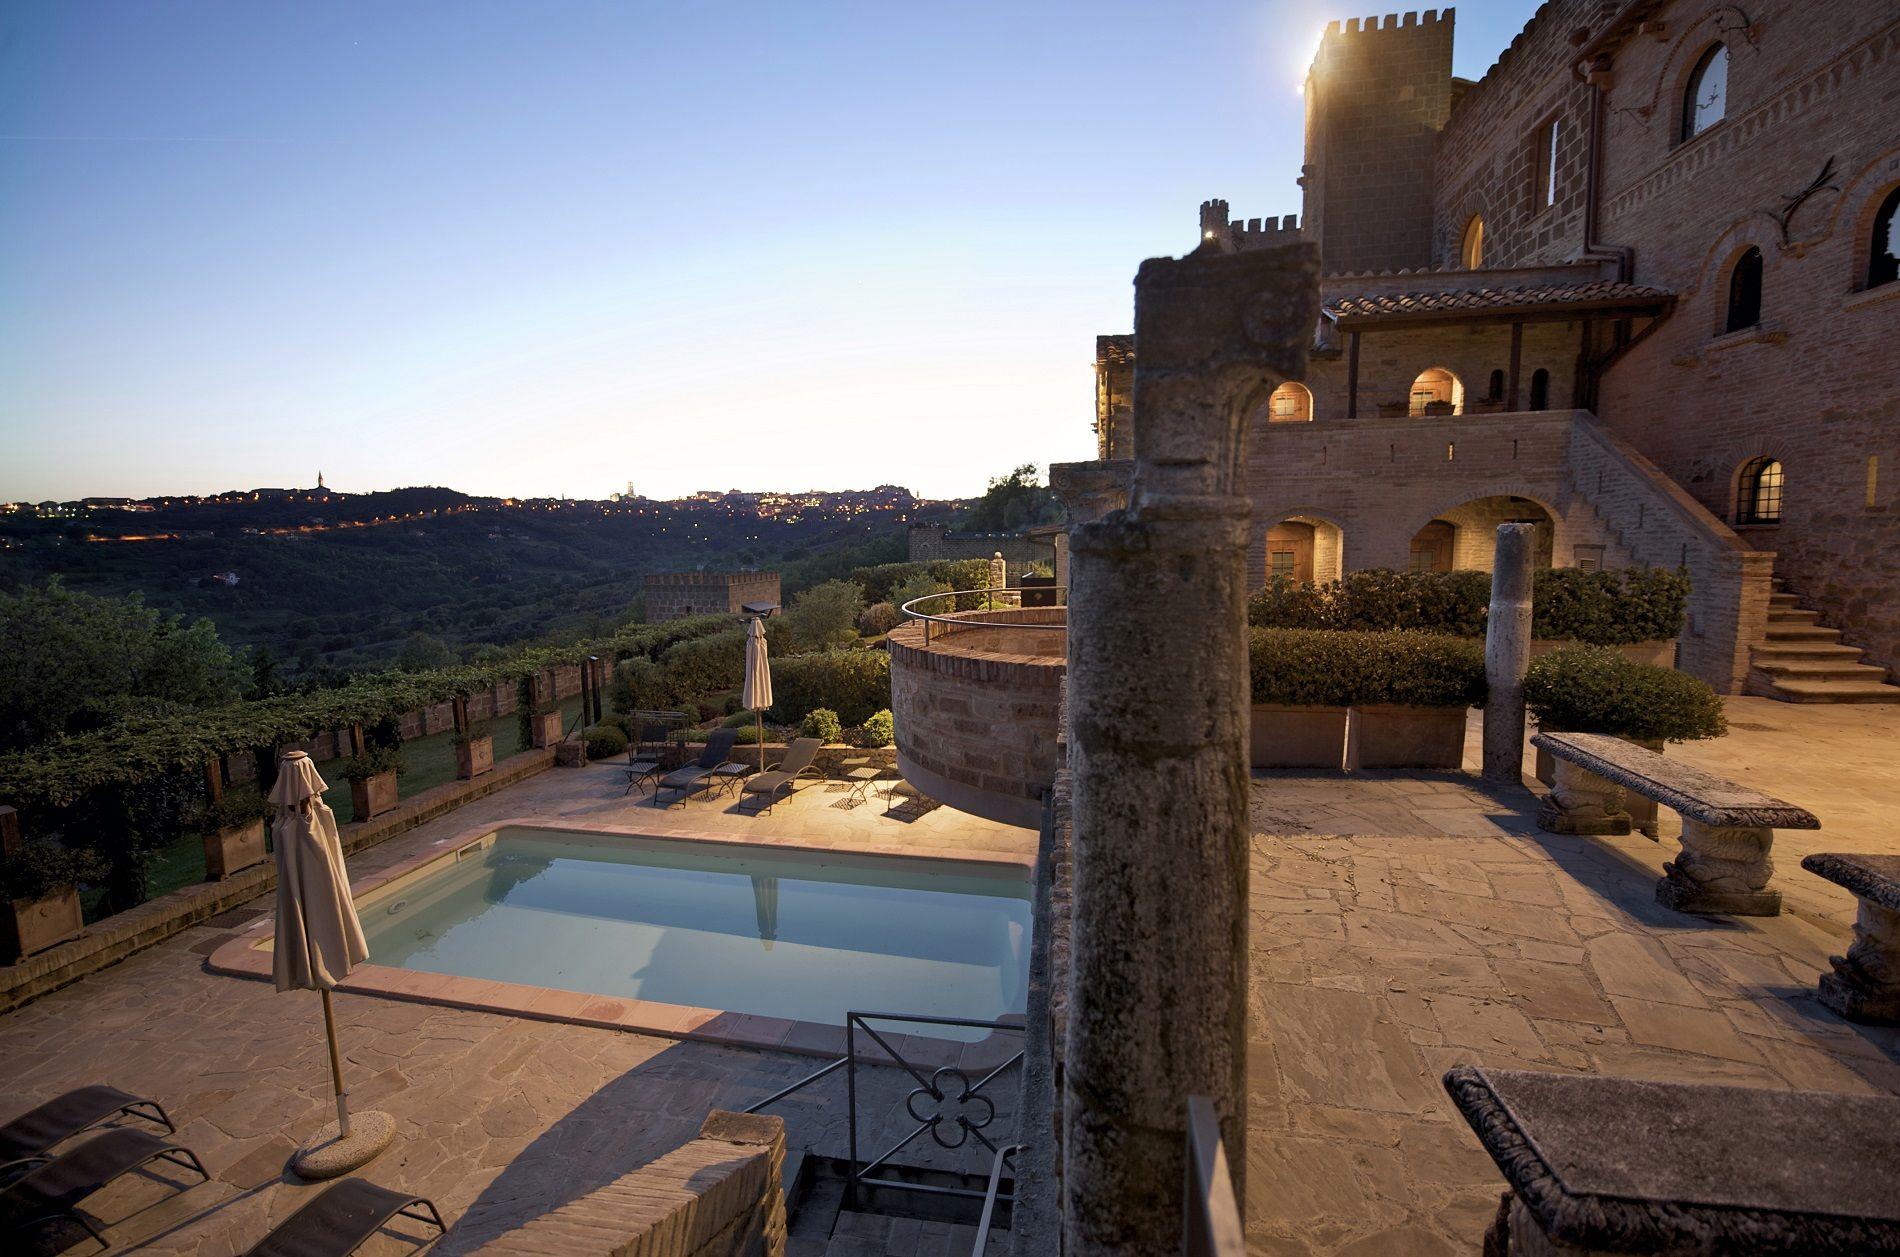 La favola di una notte: dormire in un castello | Hotel - lodge - spa ...